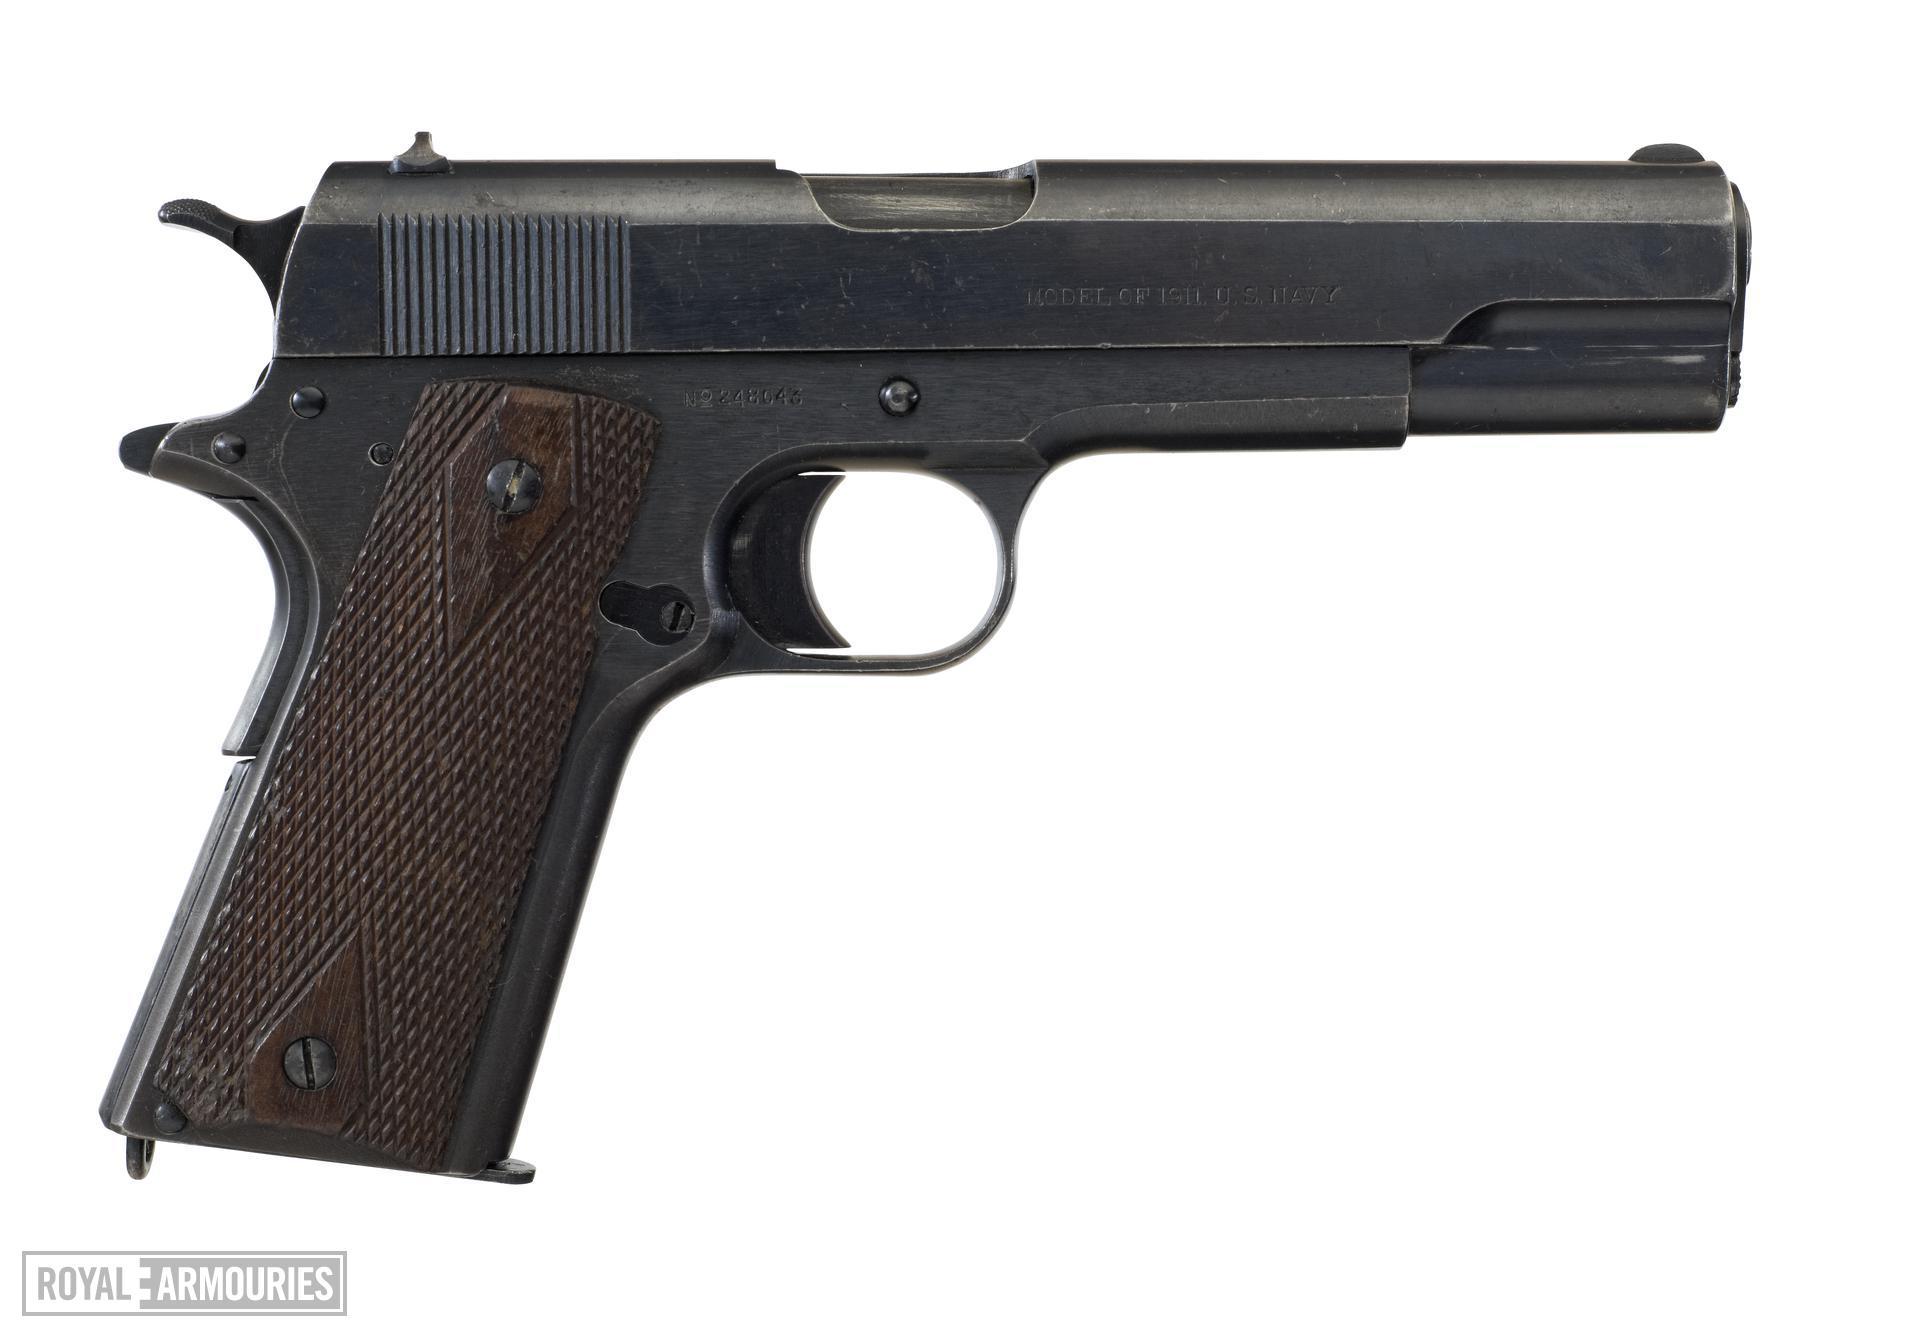 Centrefire self-loading pistol - Colt Model 1911, US Navy